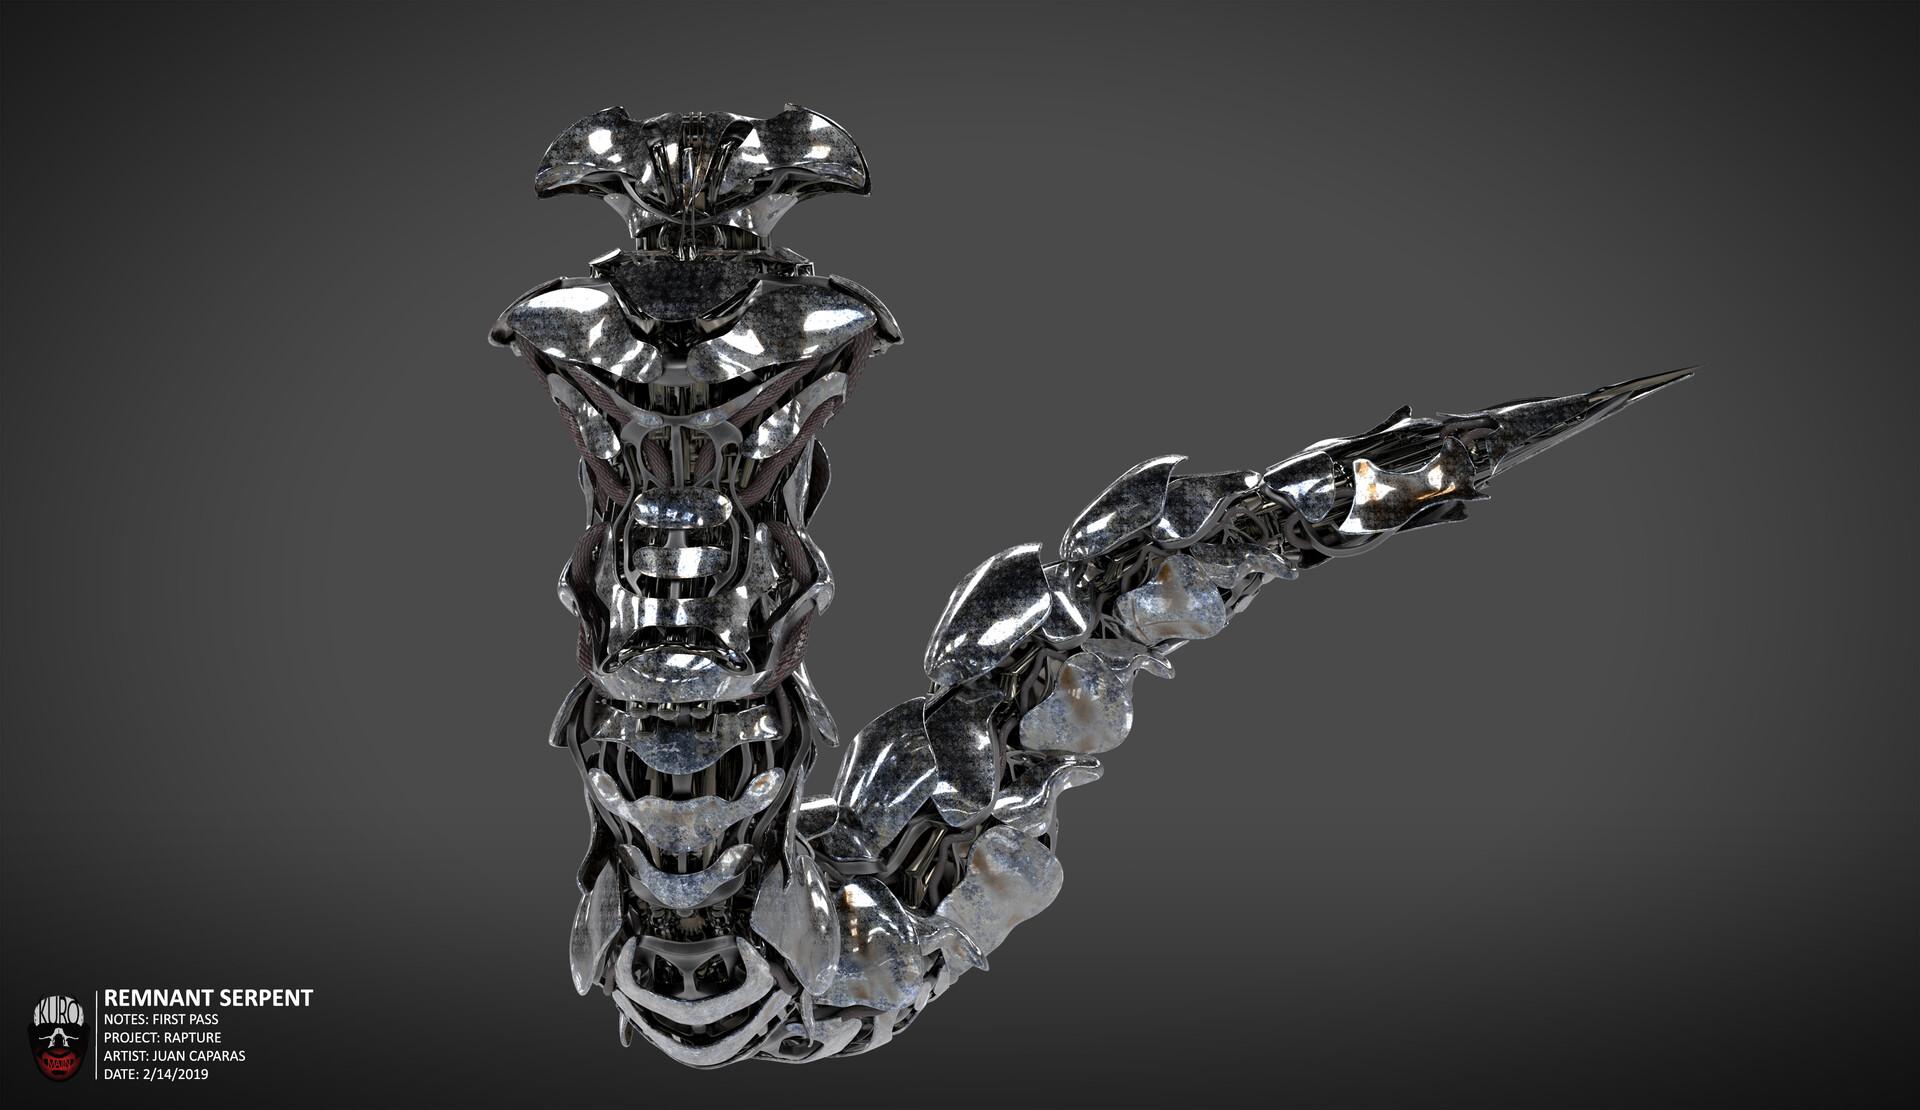 Remnant Serpent Concept   Kuro Majin Productions